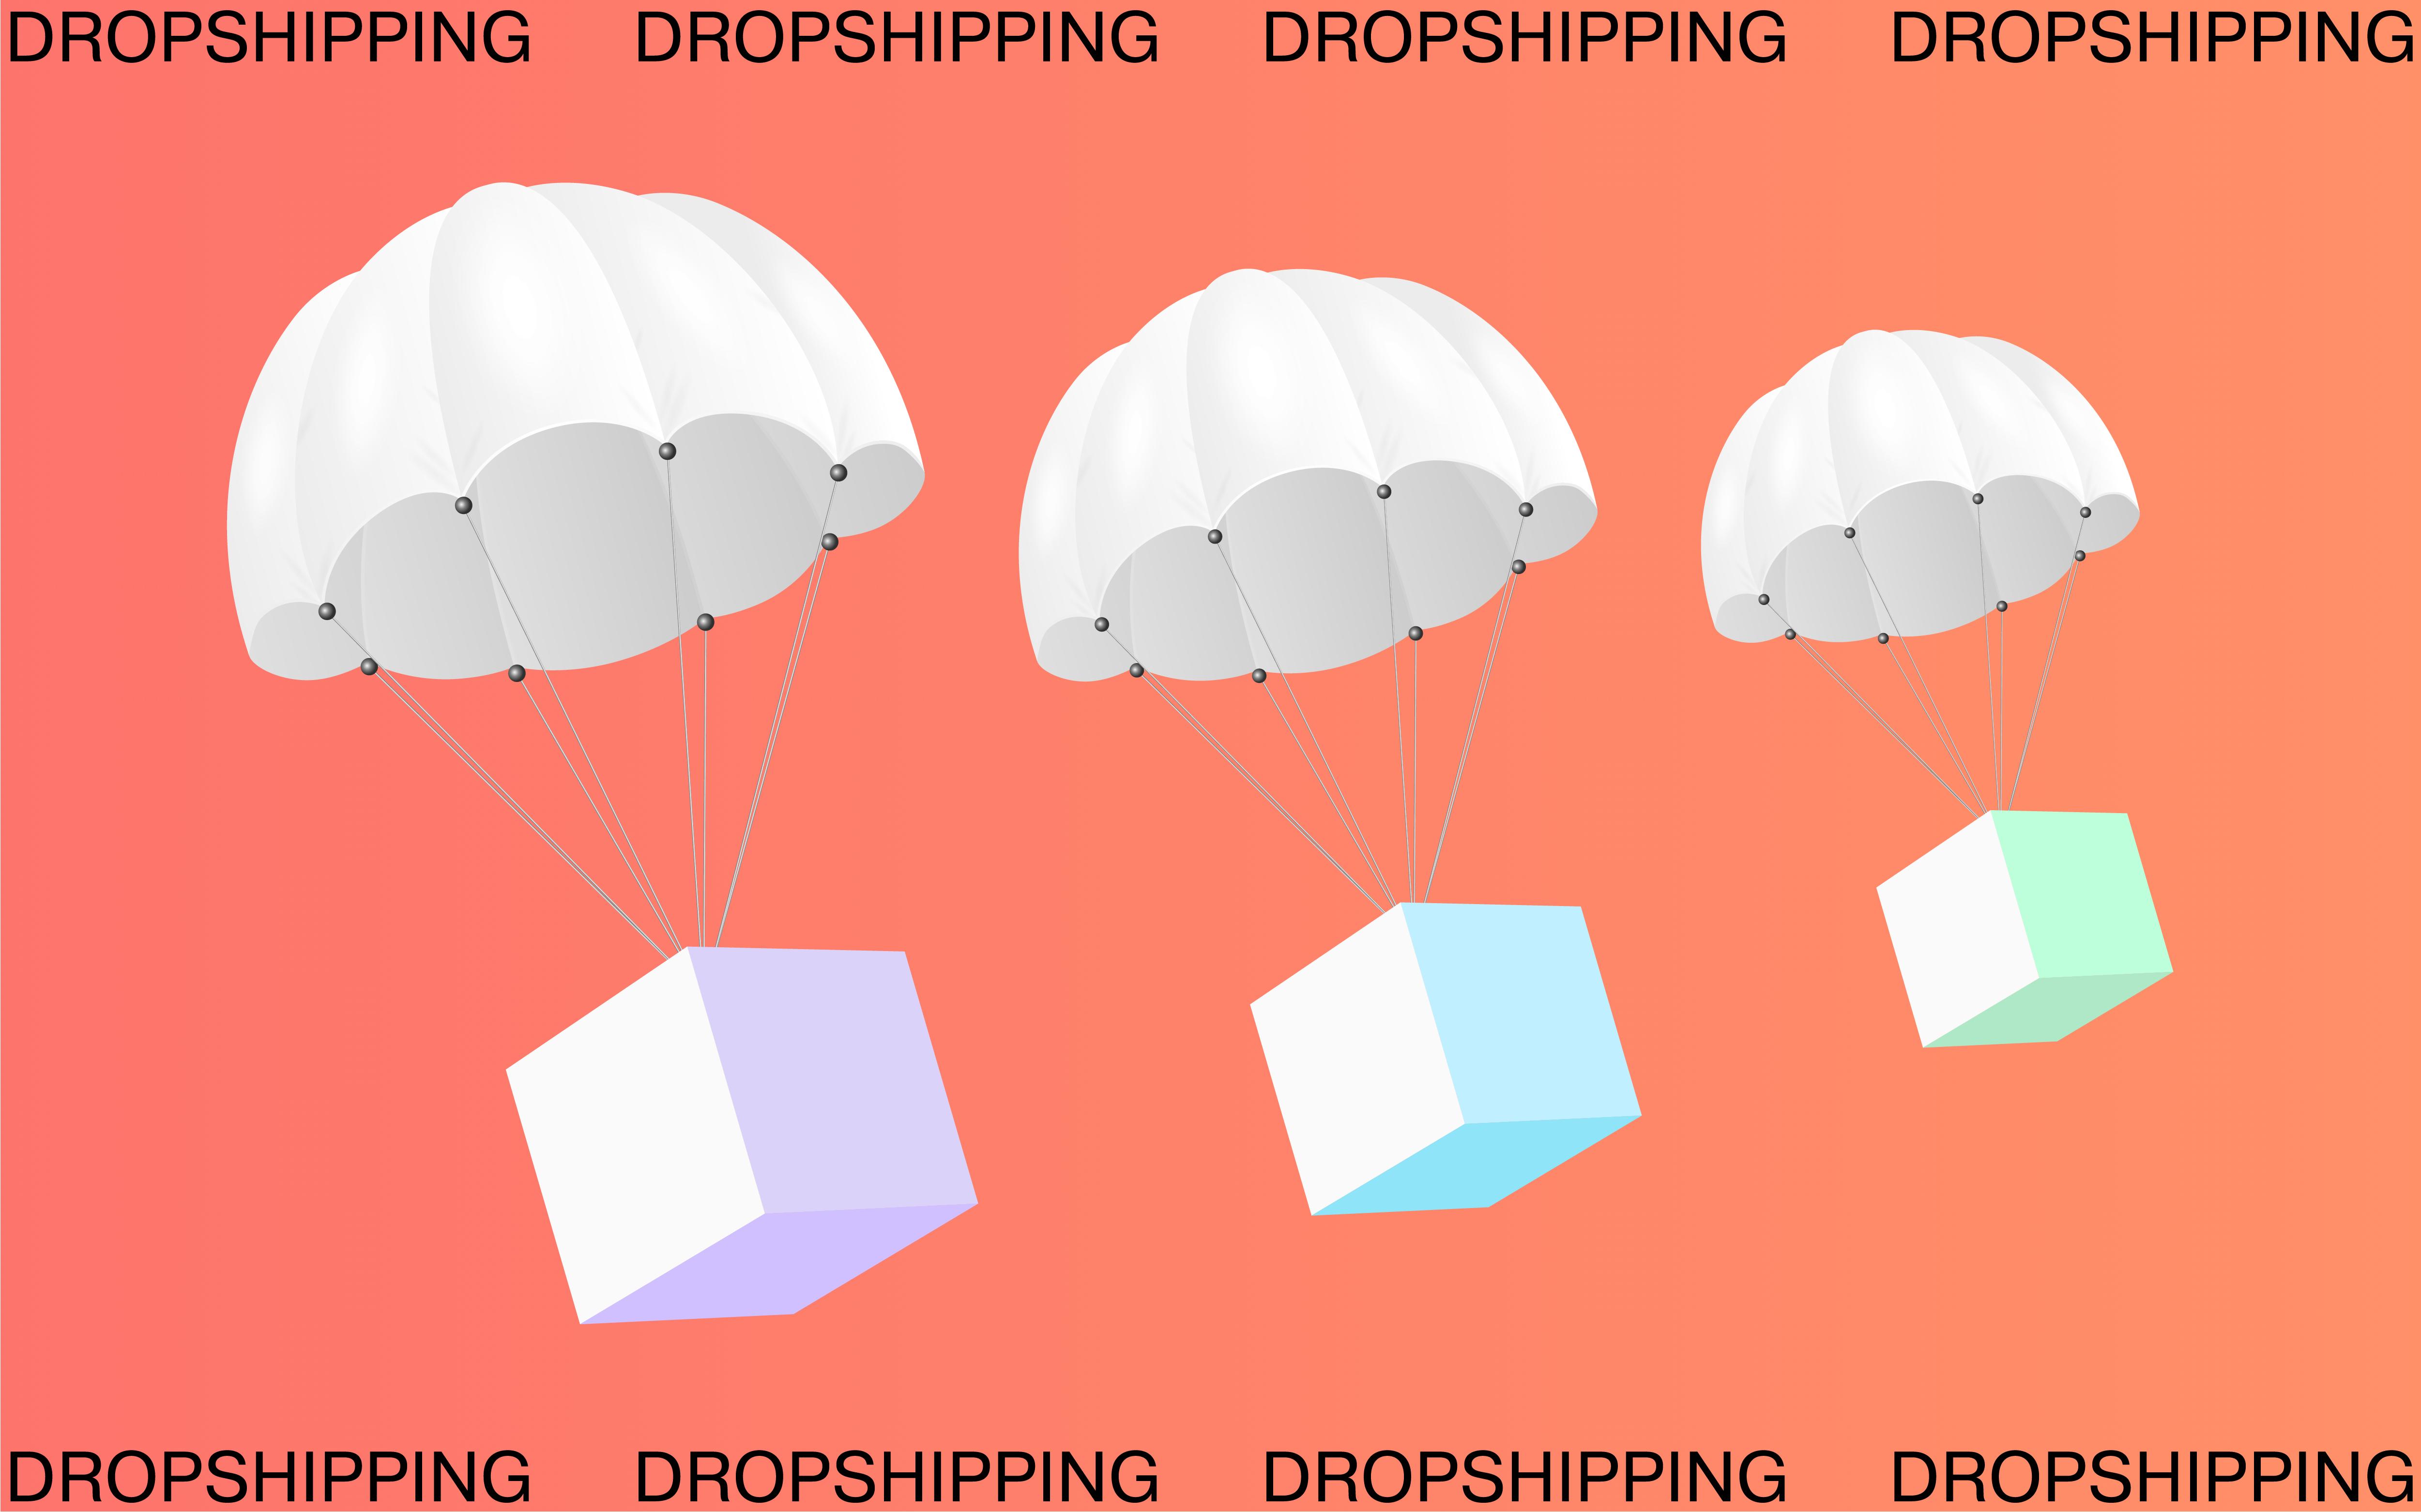 Ի՞նչ է դրոփշիփինգը և ինչպե՞ս ստեղծել դրոփշիփինգ բիզնես